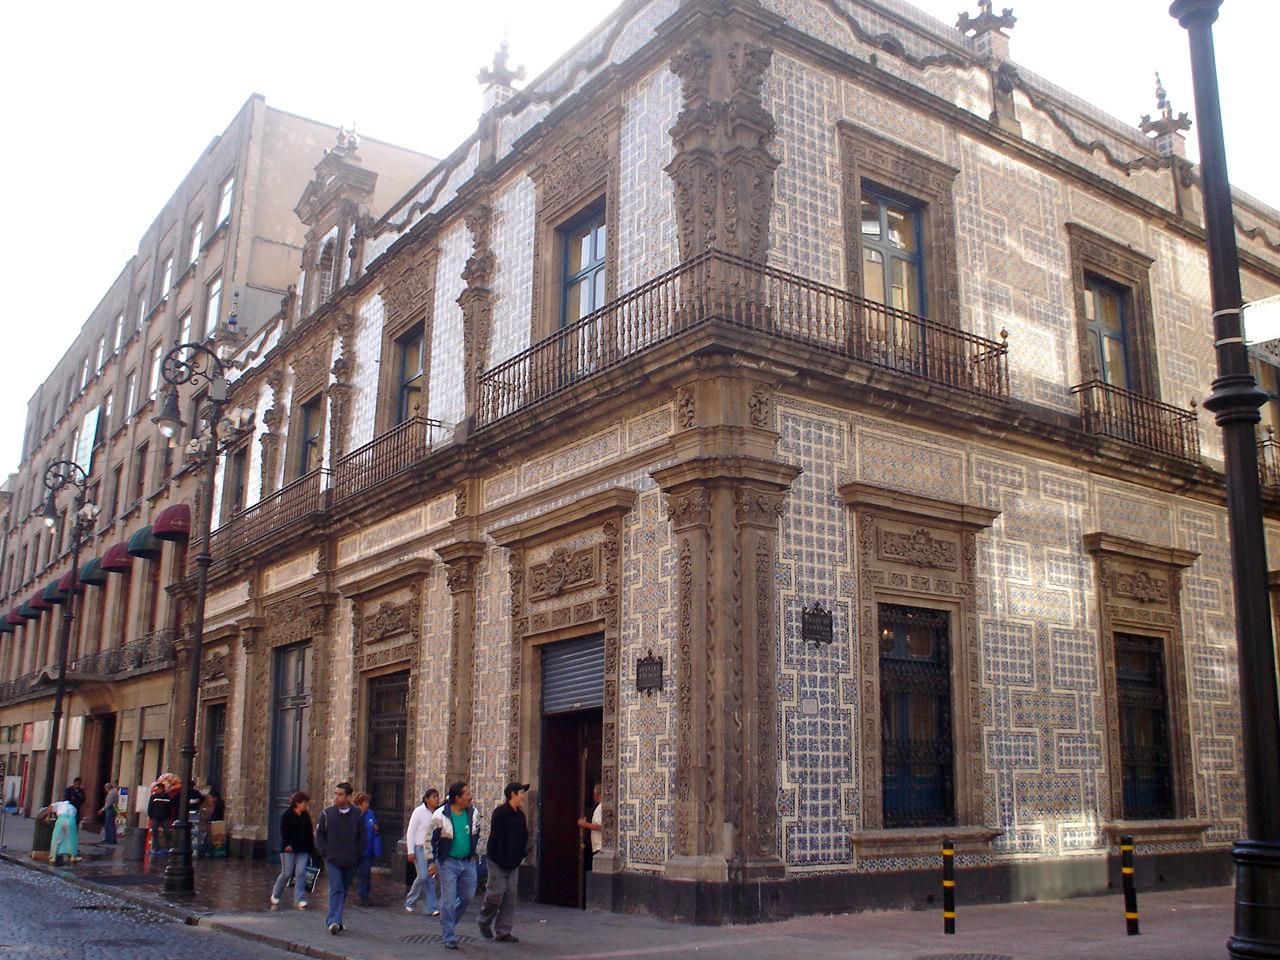 Casa de este alojamiento diseno de la casa los azulejos for Sanborns azulejos mexico city